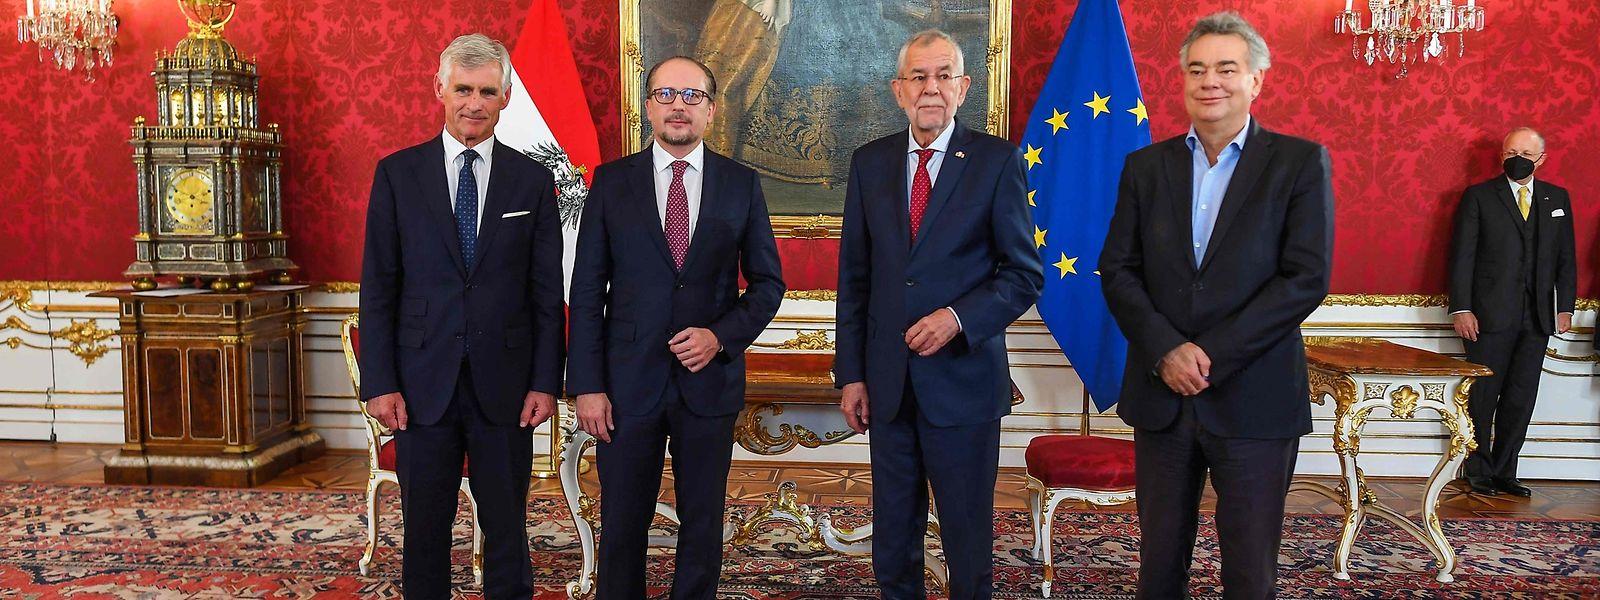 Der neue österreichische Kanzler Alexander Schallenberg (2.v.l.), der neue Außenminister Michael Linhart (l.) mit Bundespräsident Alexander van der Bellen und Vizekanzler Werner Kogler (r.).